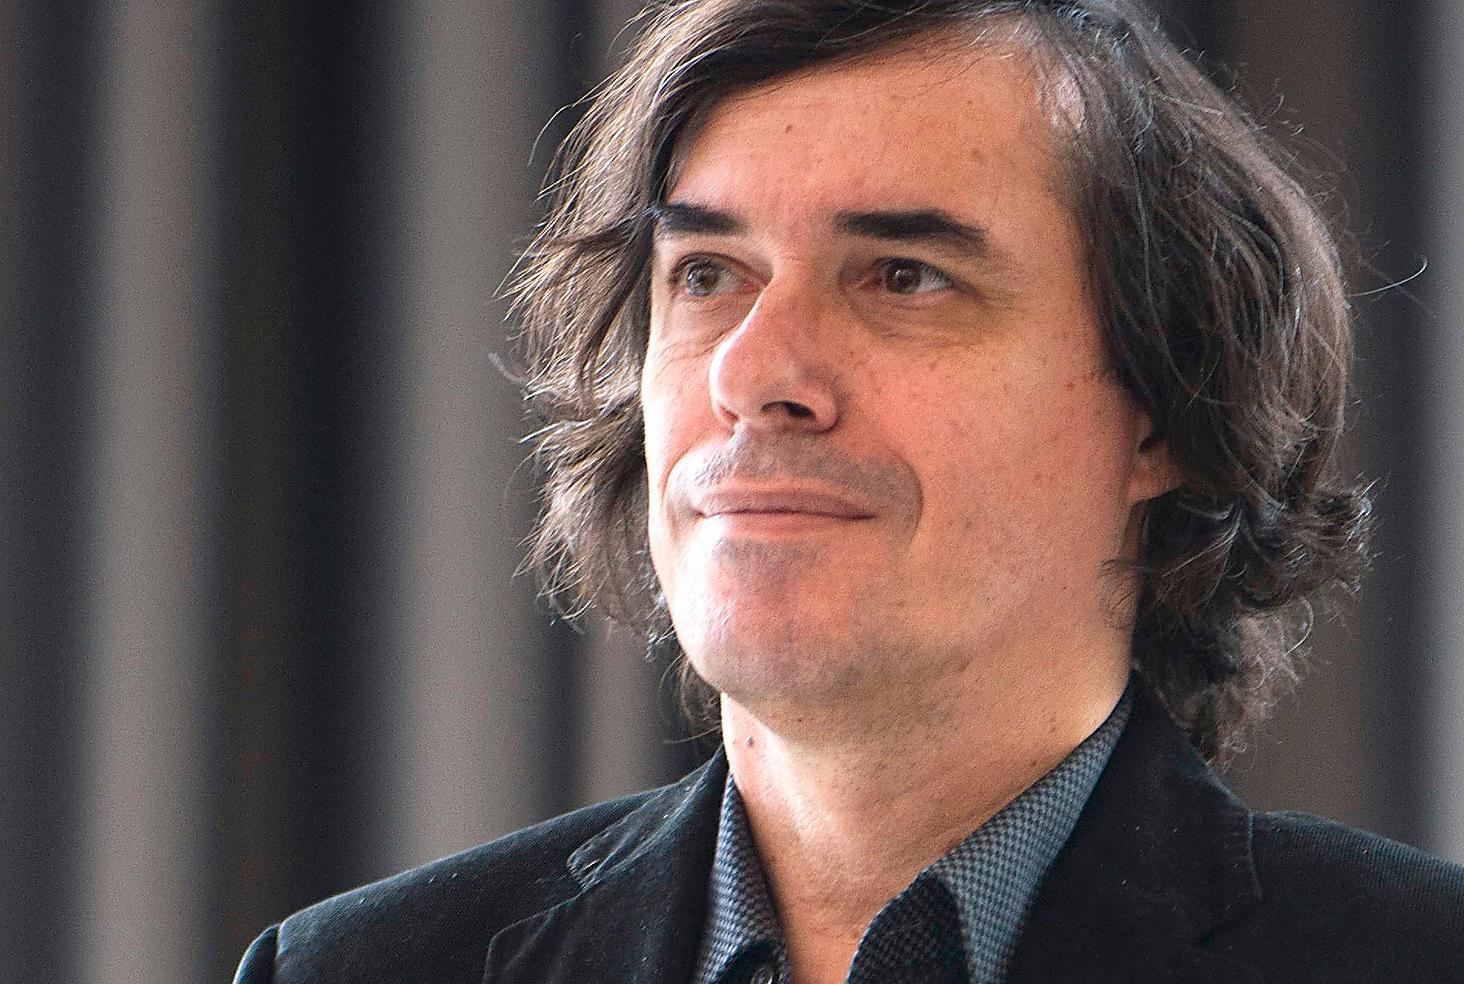 """Rumänske författaren Mircea Cartarescus nya roman """"Solenoid"""" framstår som ett betydande litterärt verk, skriver Claes Wahlin."""